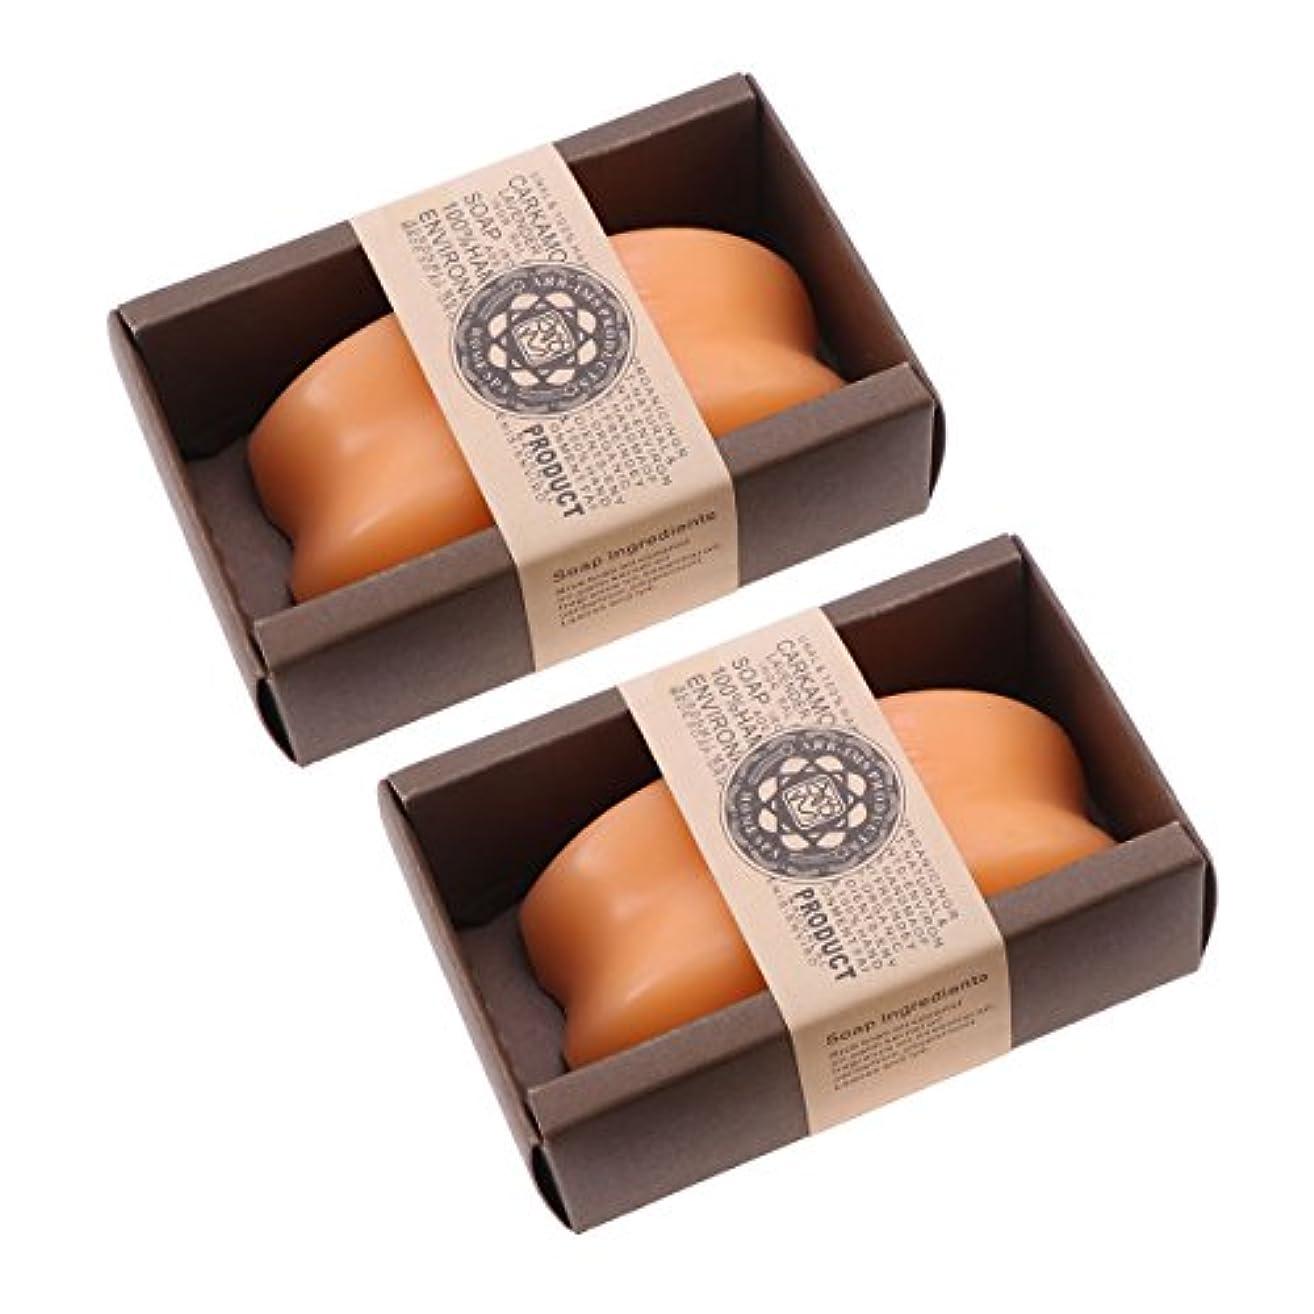 論文創始者考古学的なLurrose パパイヤソープオーガニック手作りエッセンシャルオイルソープバーモイスチャライジングボディウォッシュソープ2個(オレンジ)